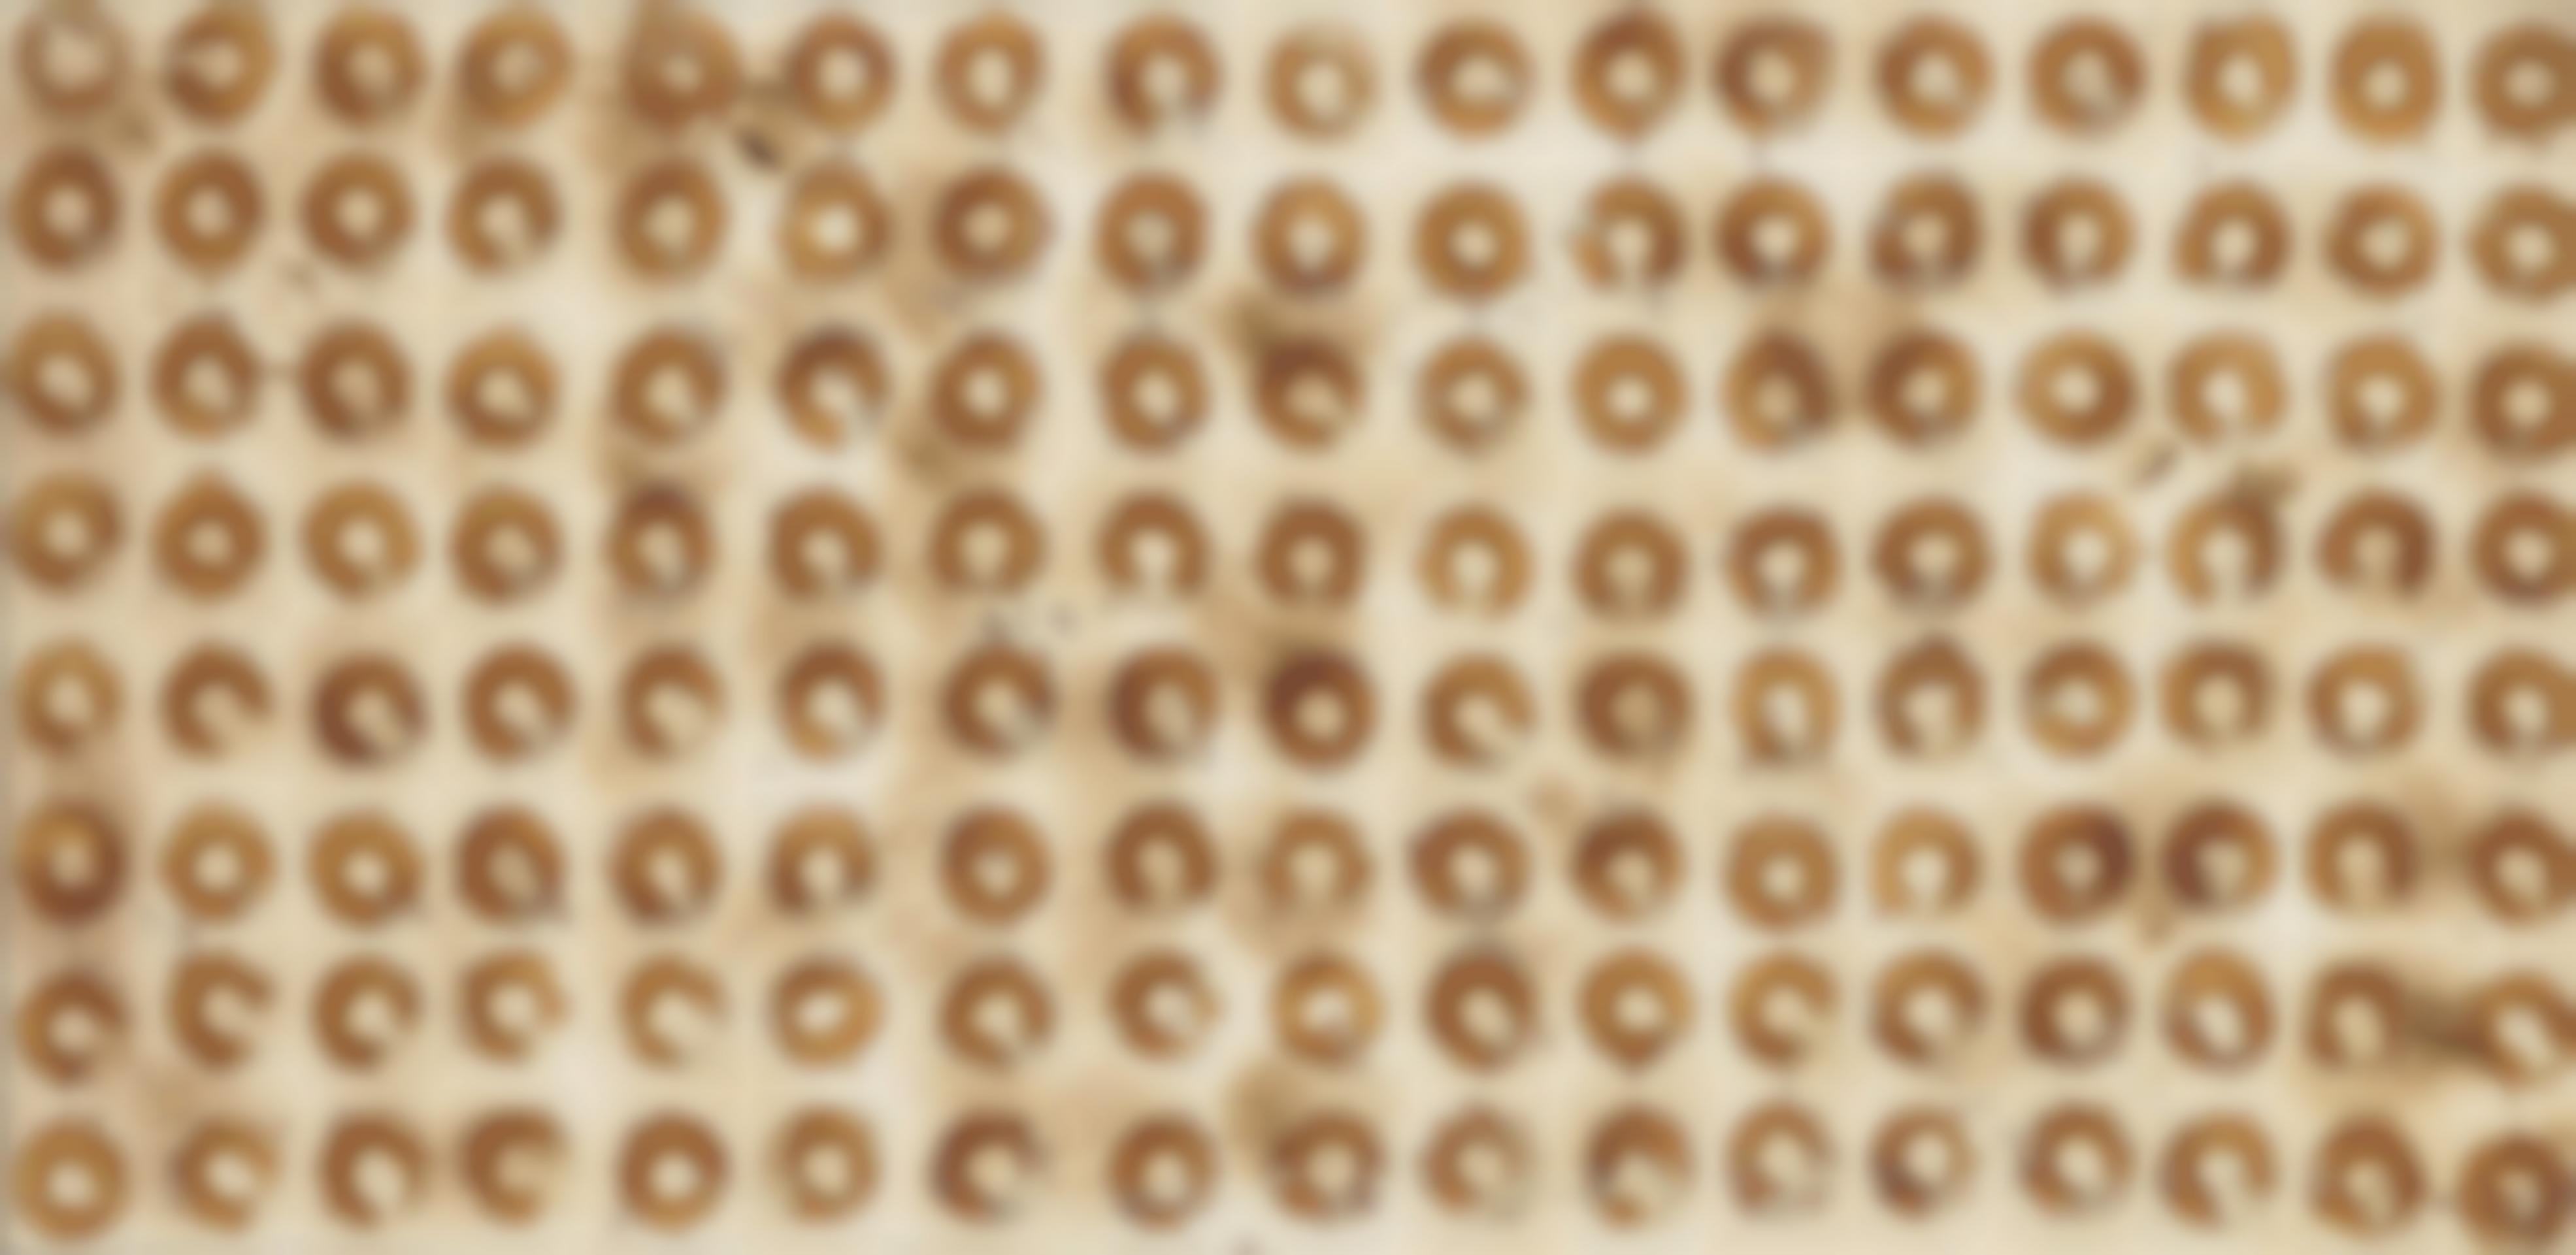 Jiri Georg Dokoupil-Untitled (136 Pineapple Slices)-